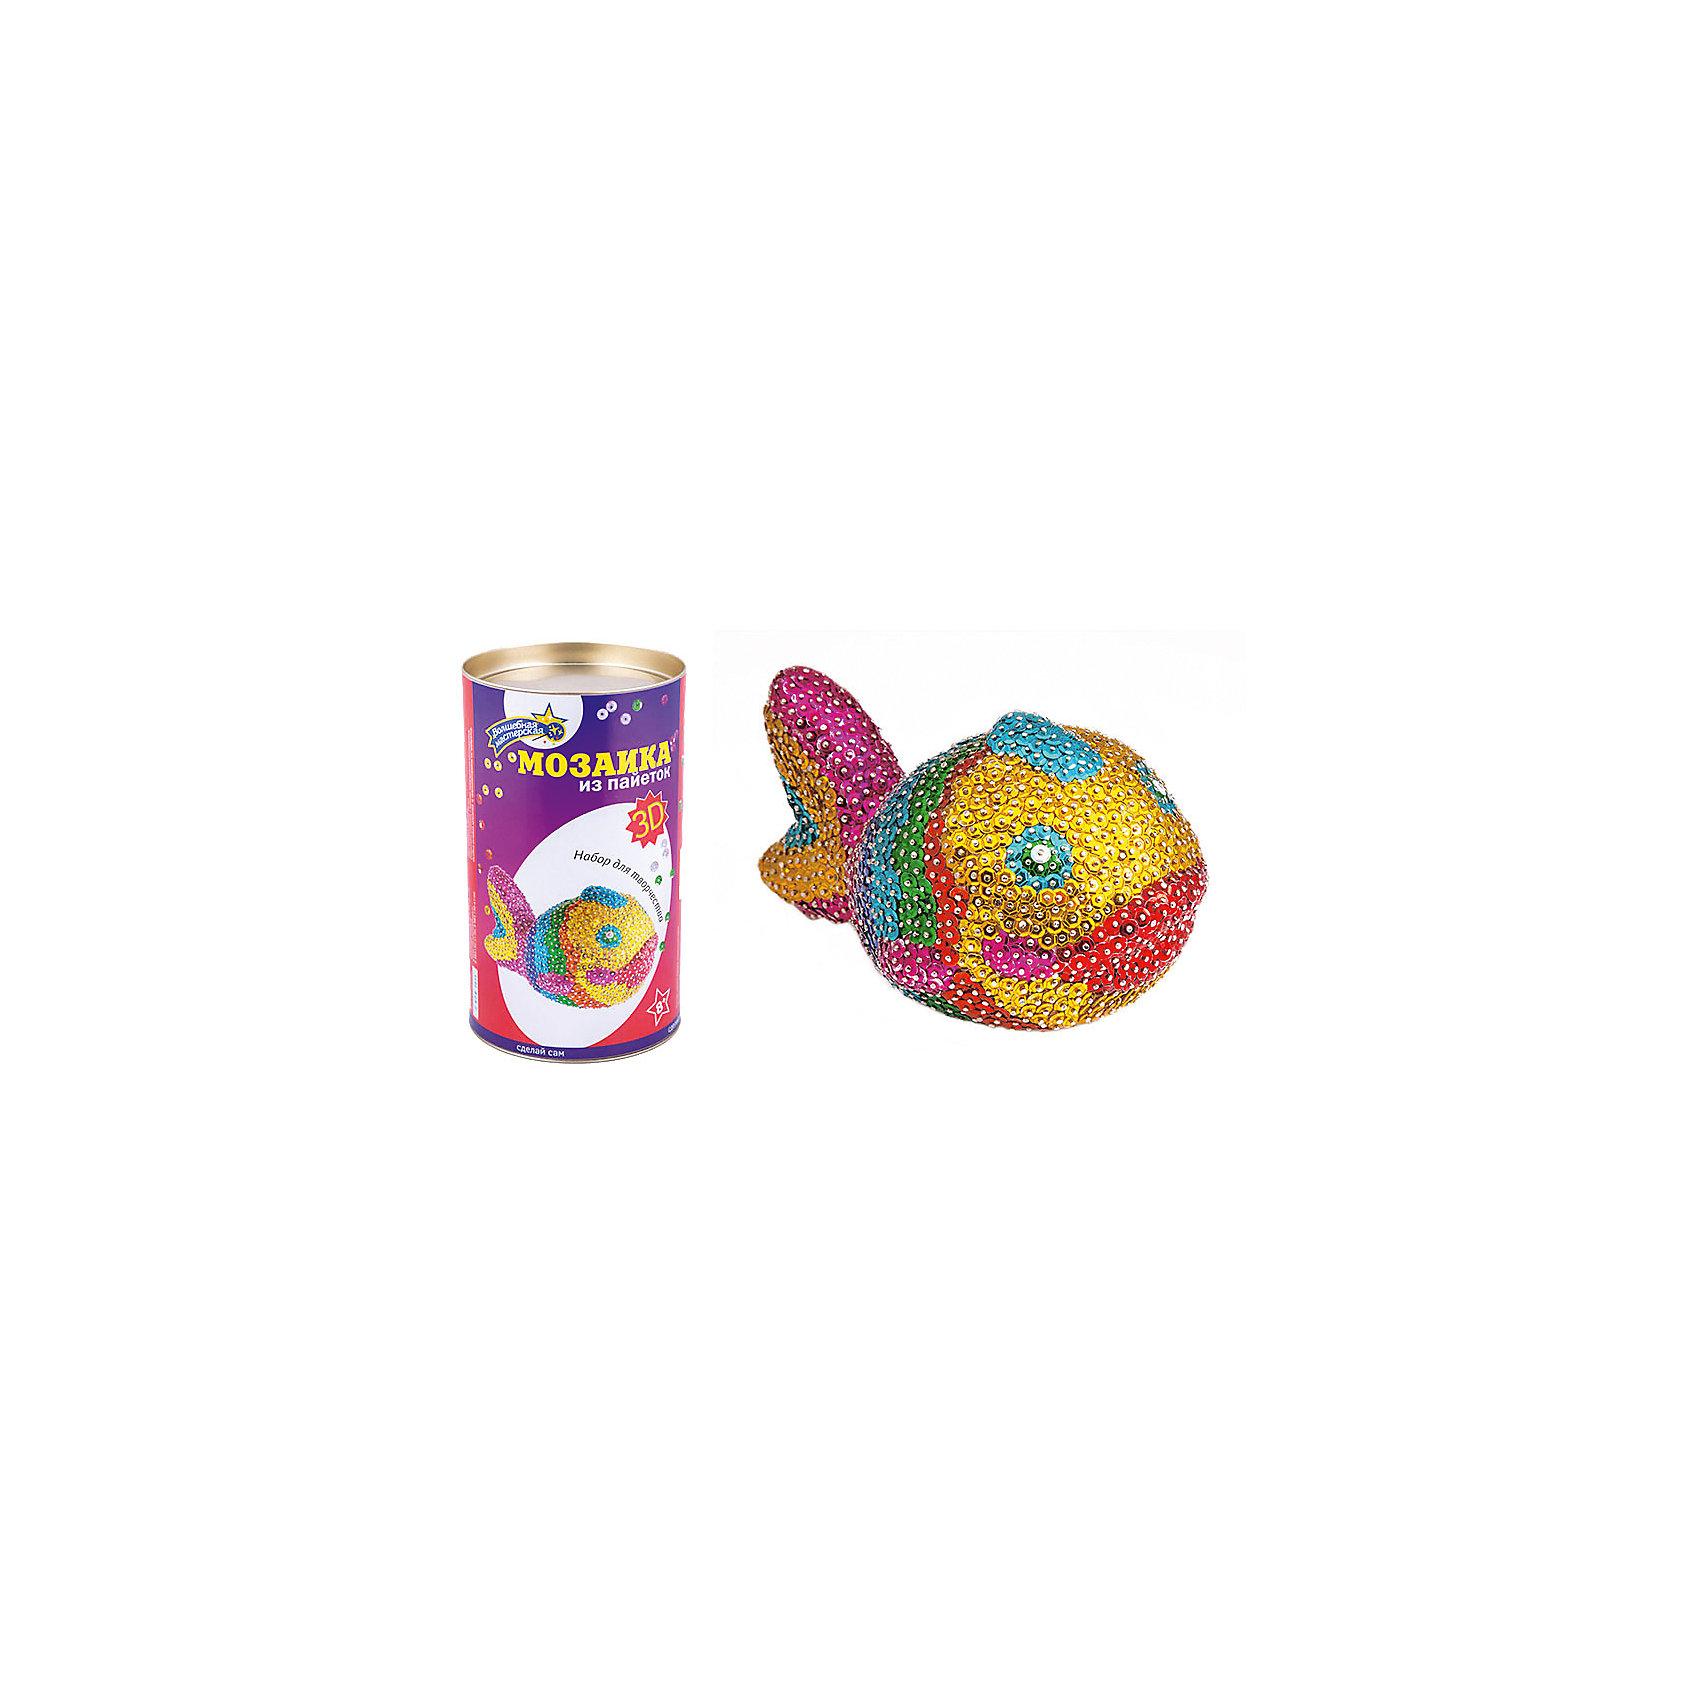 Мозаика из пайеток 3D РыбкаМозаика детская<br>Характеристики товара:<br><br>• материал: пенопласт, полимер, металл<br>• комплектация: пенопластовая заготовка, гвоздики, пайетки<br>• размер упаковки: 12x12x20 см<br>• упаковка: тубус<br>• возраст: от восьми лет<br>• для творчества<br>• страна бренда: Российская Федерация<br>• страна производства: Российская Федерация<br><br>Такой набор станет отличным подарком ребенку! Творчество - удачный способ занять детей. Это не только занимательно, но и очень полезно! С помощью такого набора ребенок сможет сам создать красивую объемную рыбку. Нужно всего лишь следовать инструкции! Это несложно и увлекательно - всё необходимое есть в наборе. Готовое изделие может стать подарком от ребенка на праздник для близких и родственников!<br>Такое занятие помогает детям развивать многие важные навыки и способности: они тренируют внимание, память, логику, мышление, мелкую моторику, творческие способности, а также усидчивость и аккуратность. Изделие производится из качественных сертифицированных материалов, безопасных даже для самых маленьких.<br><br>Мозаика из пайеток 3D Рыбка от бренда Волшебная мастерская можно купить в нашем интернет-магазине.<br><br>Ширина мм: 120<br>Глубина мм: 210<br>Высота мм: 120<br>Вес г: 550<br>Возраст от месяцев: 96<br>Возраст до месяцев: 168<br>Пол: Женский<br>Возраст: Детский<br>SKU: 5075351